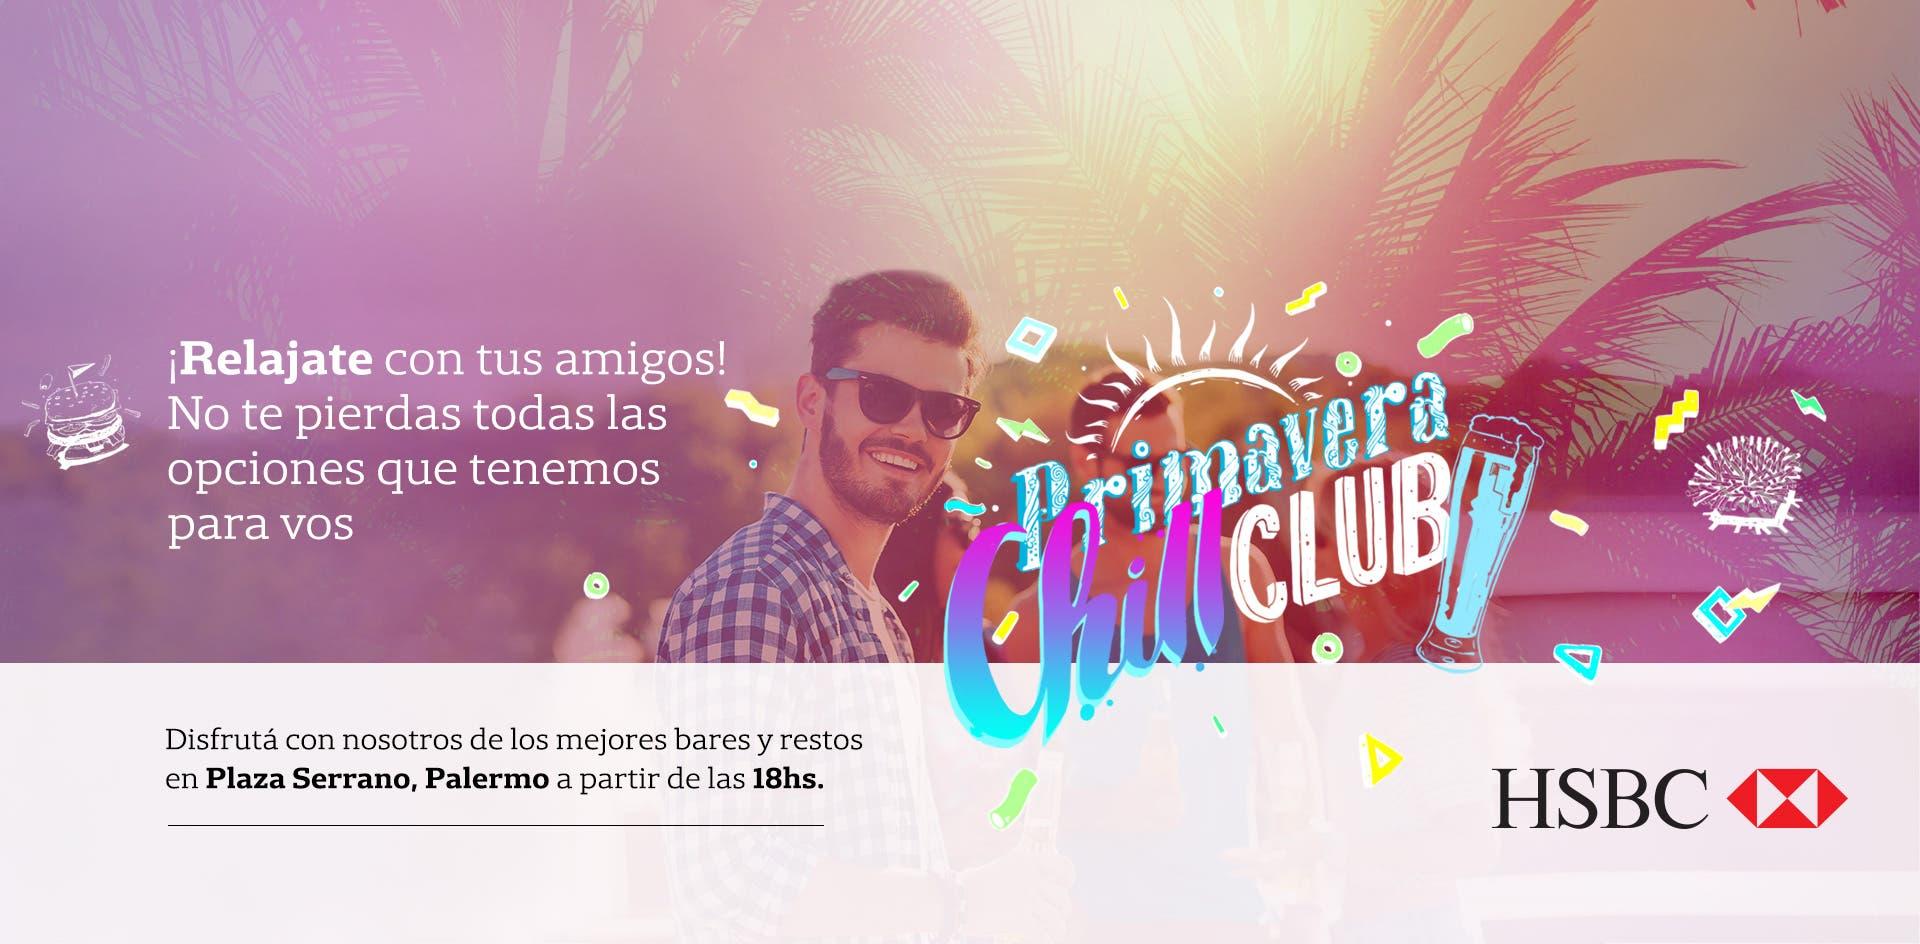 Primavera Chill Club